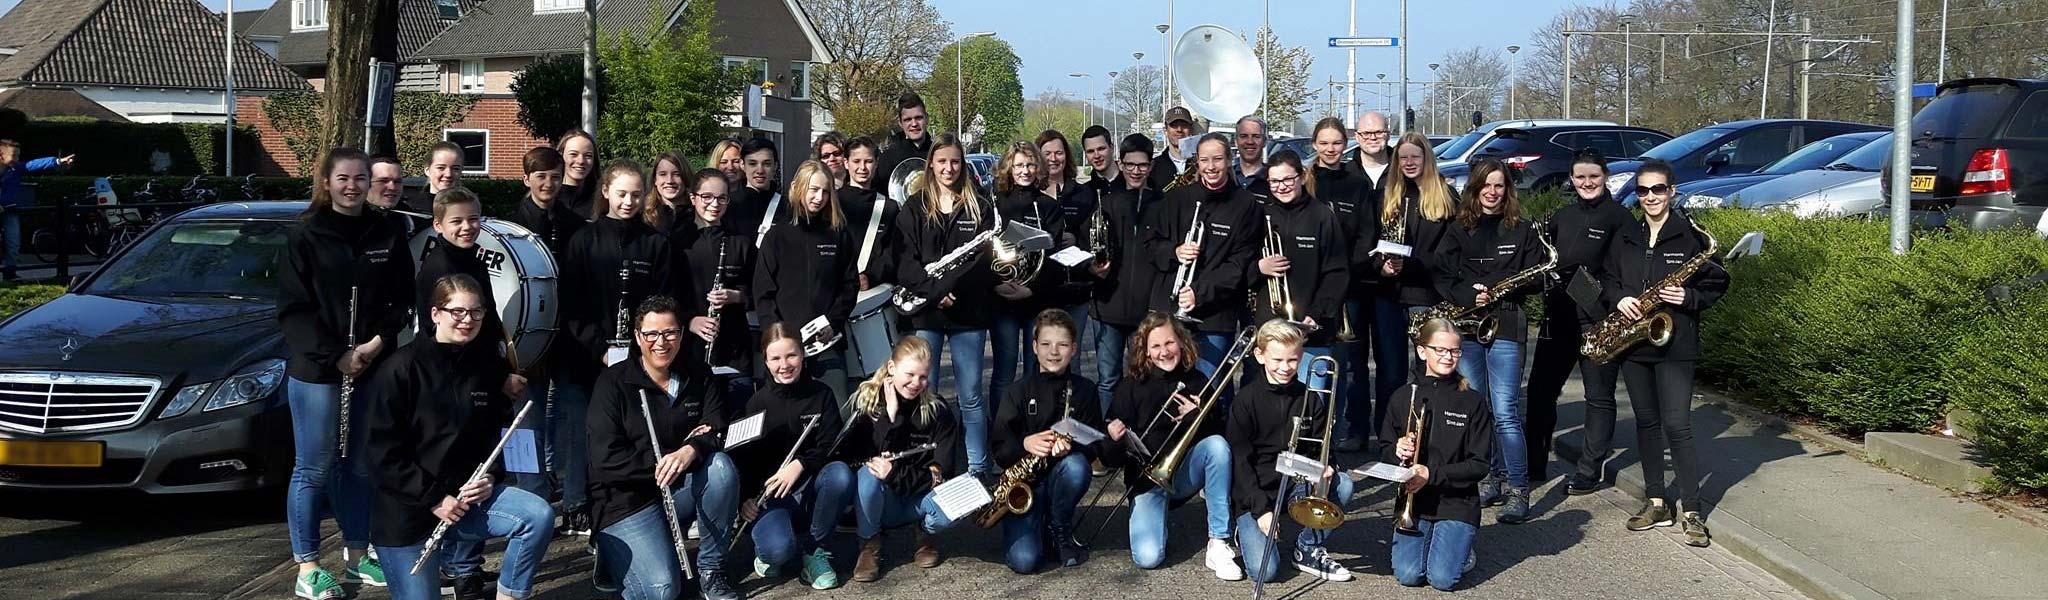 b-orkest-harmonie-sint-jan-wierden-2